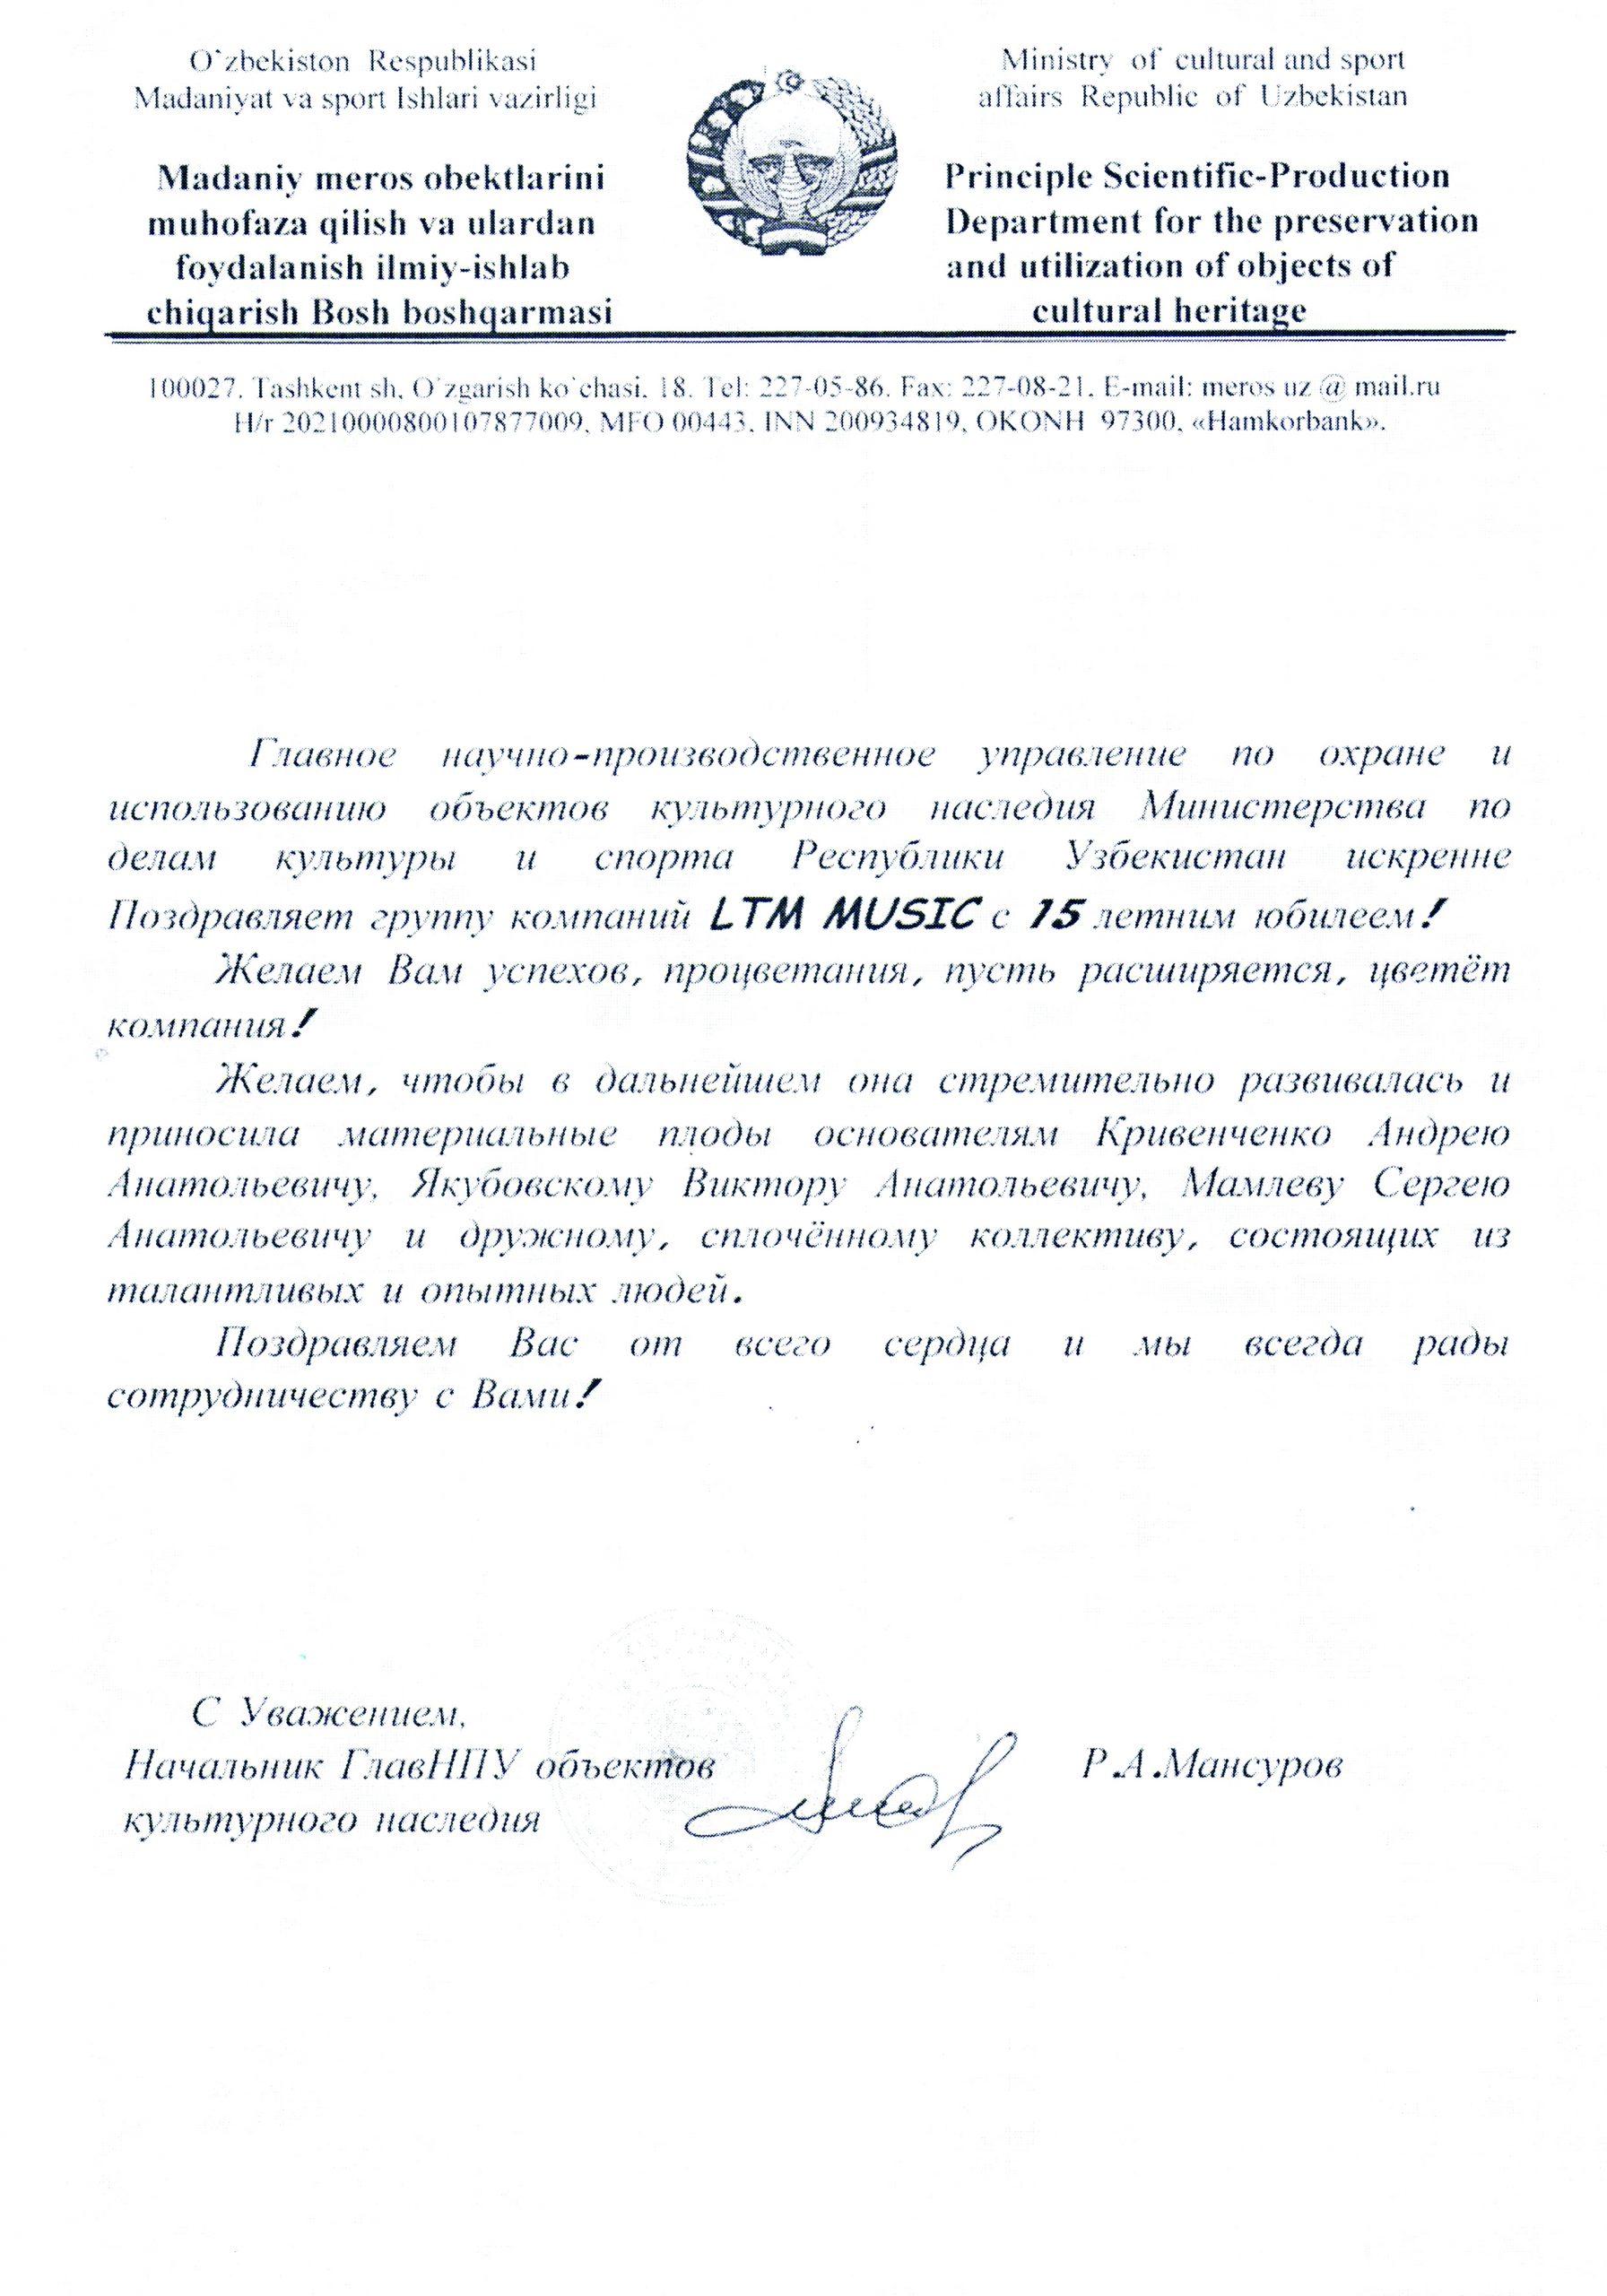 17. Начальник главНПУ объектов культурного наследия